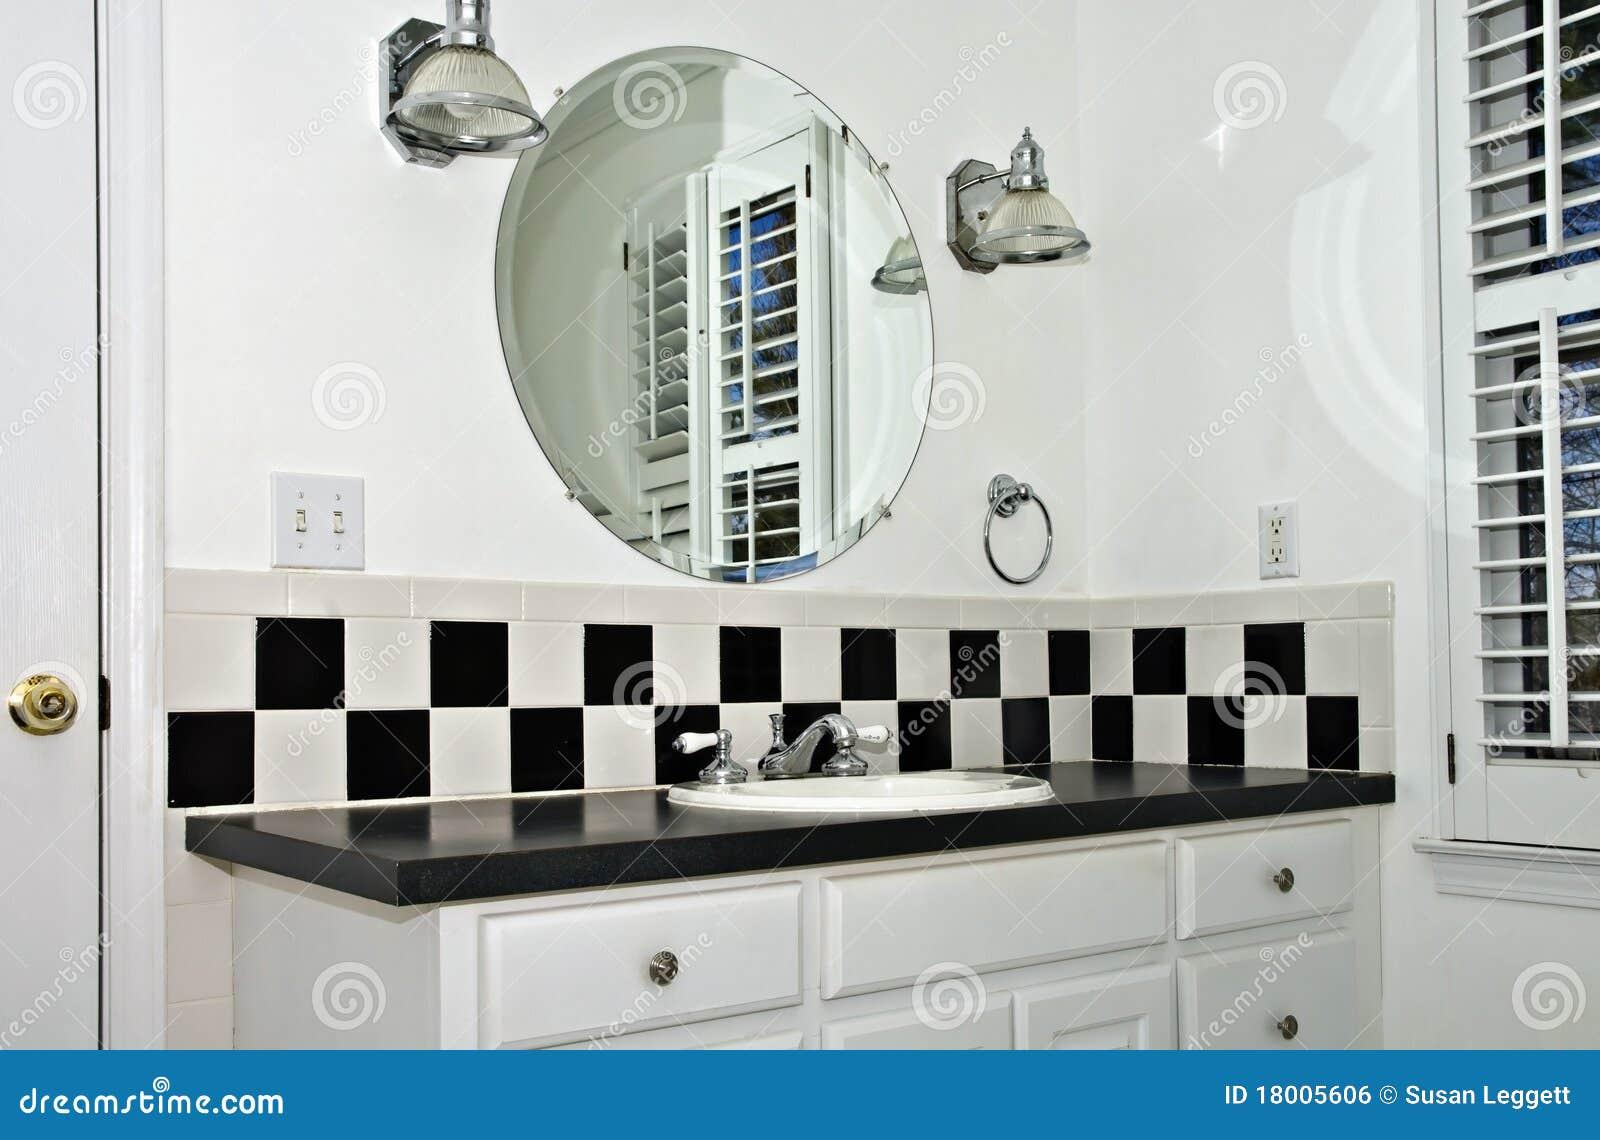 Imagens de #82A229 área do dissipador de um banheiro pequeno com telha preto e branco e  1300x943 px 3726 Banheiros Planejados Preto E Branco